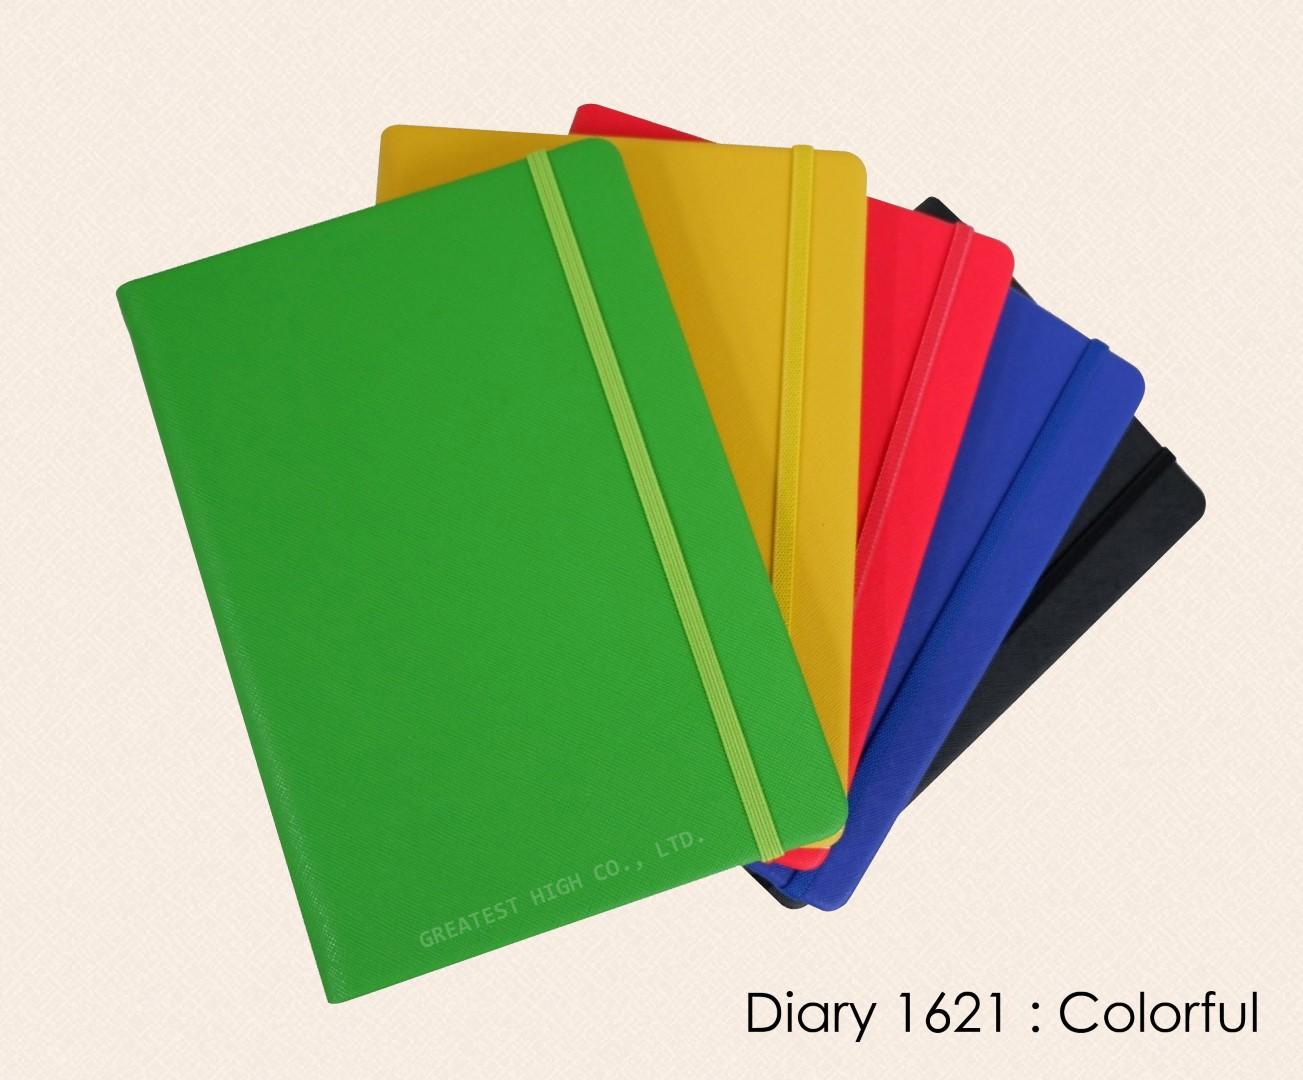 สมุดโน๊ต ไดอารี่ ปกหนัง Notebook Diary DA 1621 Colorful